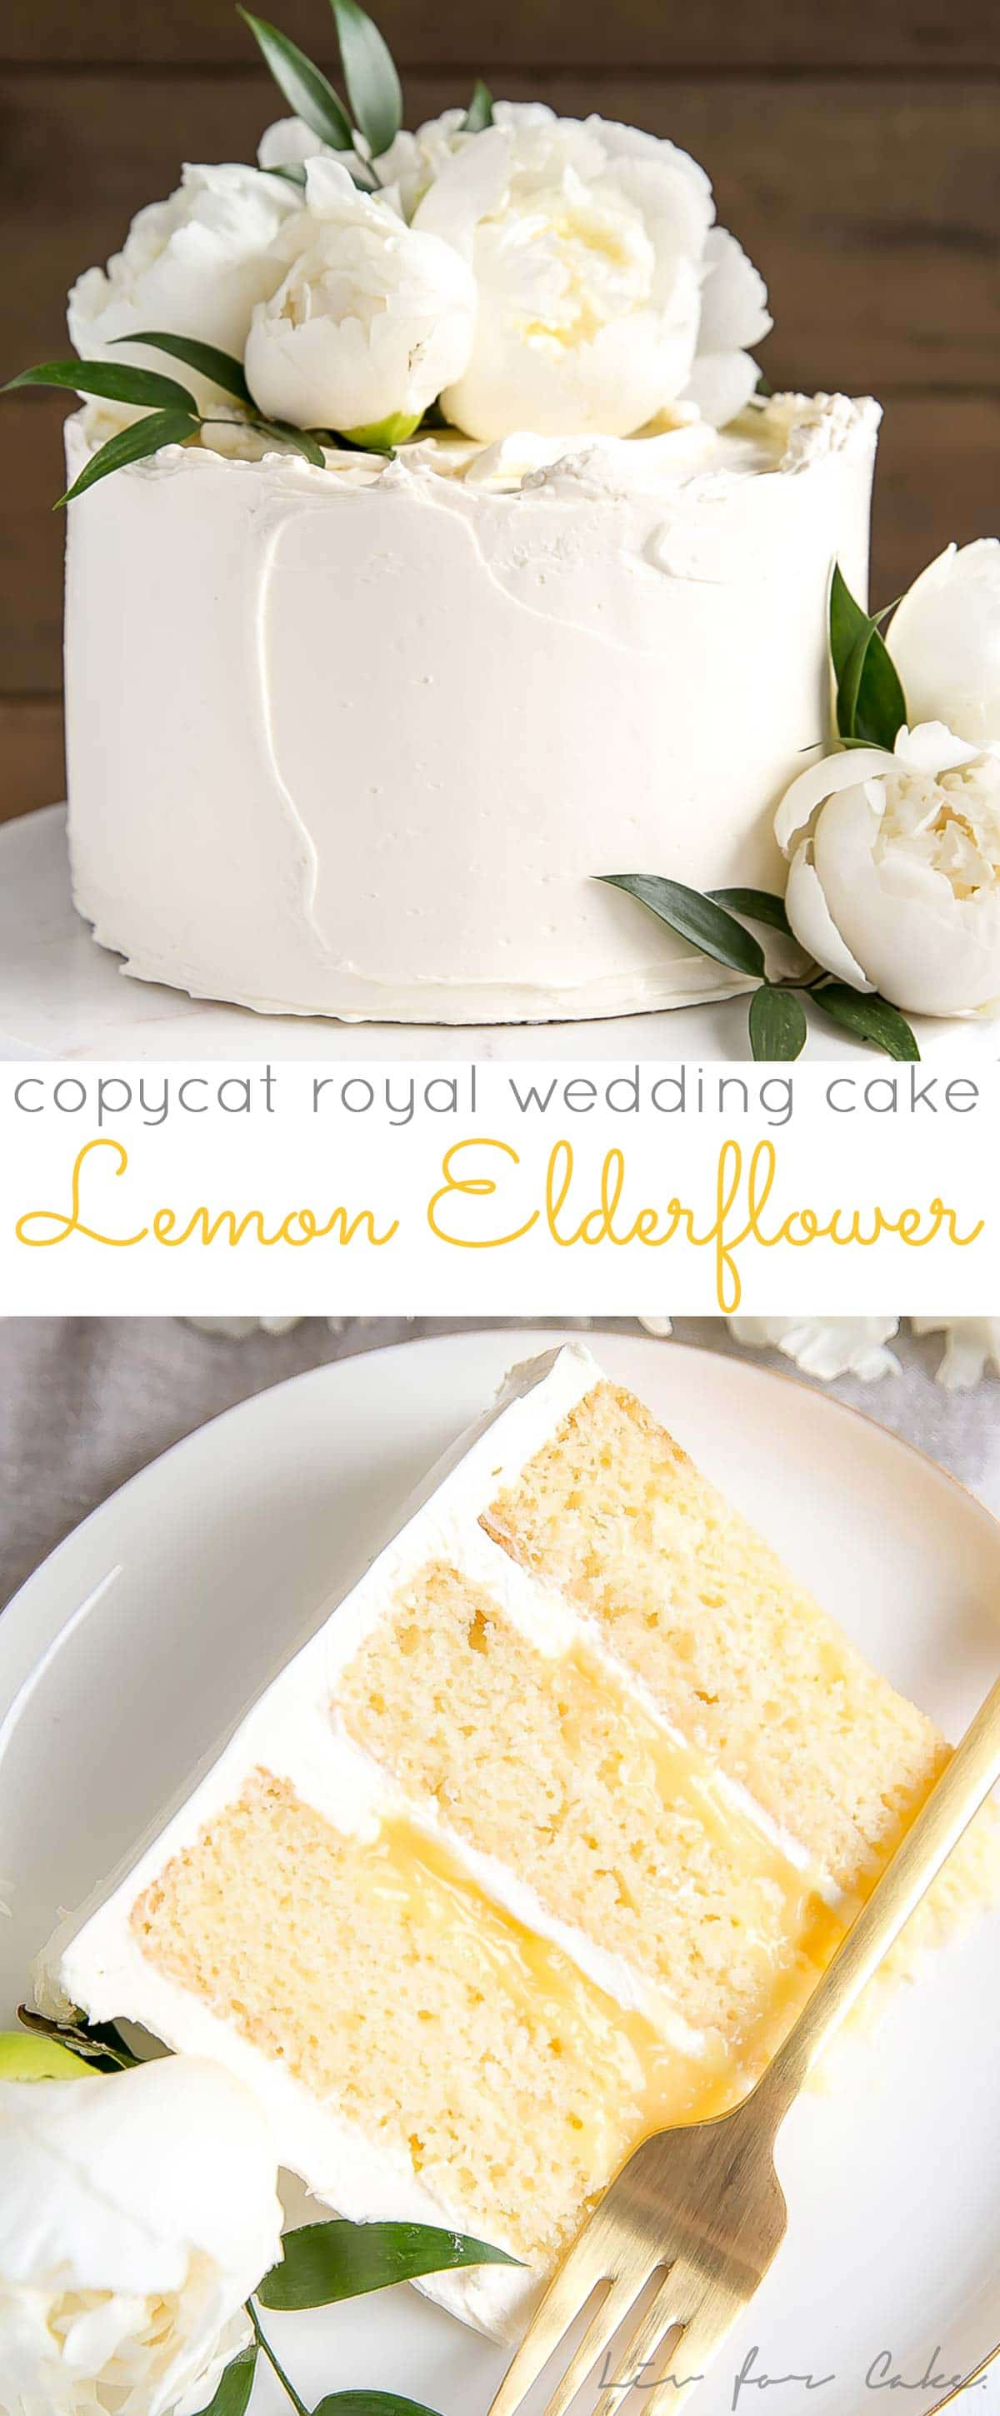 Lemon Elderflower Cake (Copycat Royal Wedding Cake) | Liv for Cake